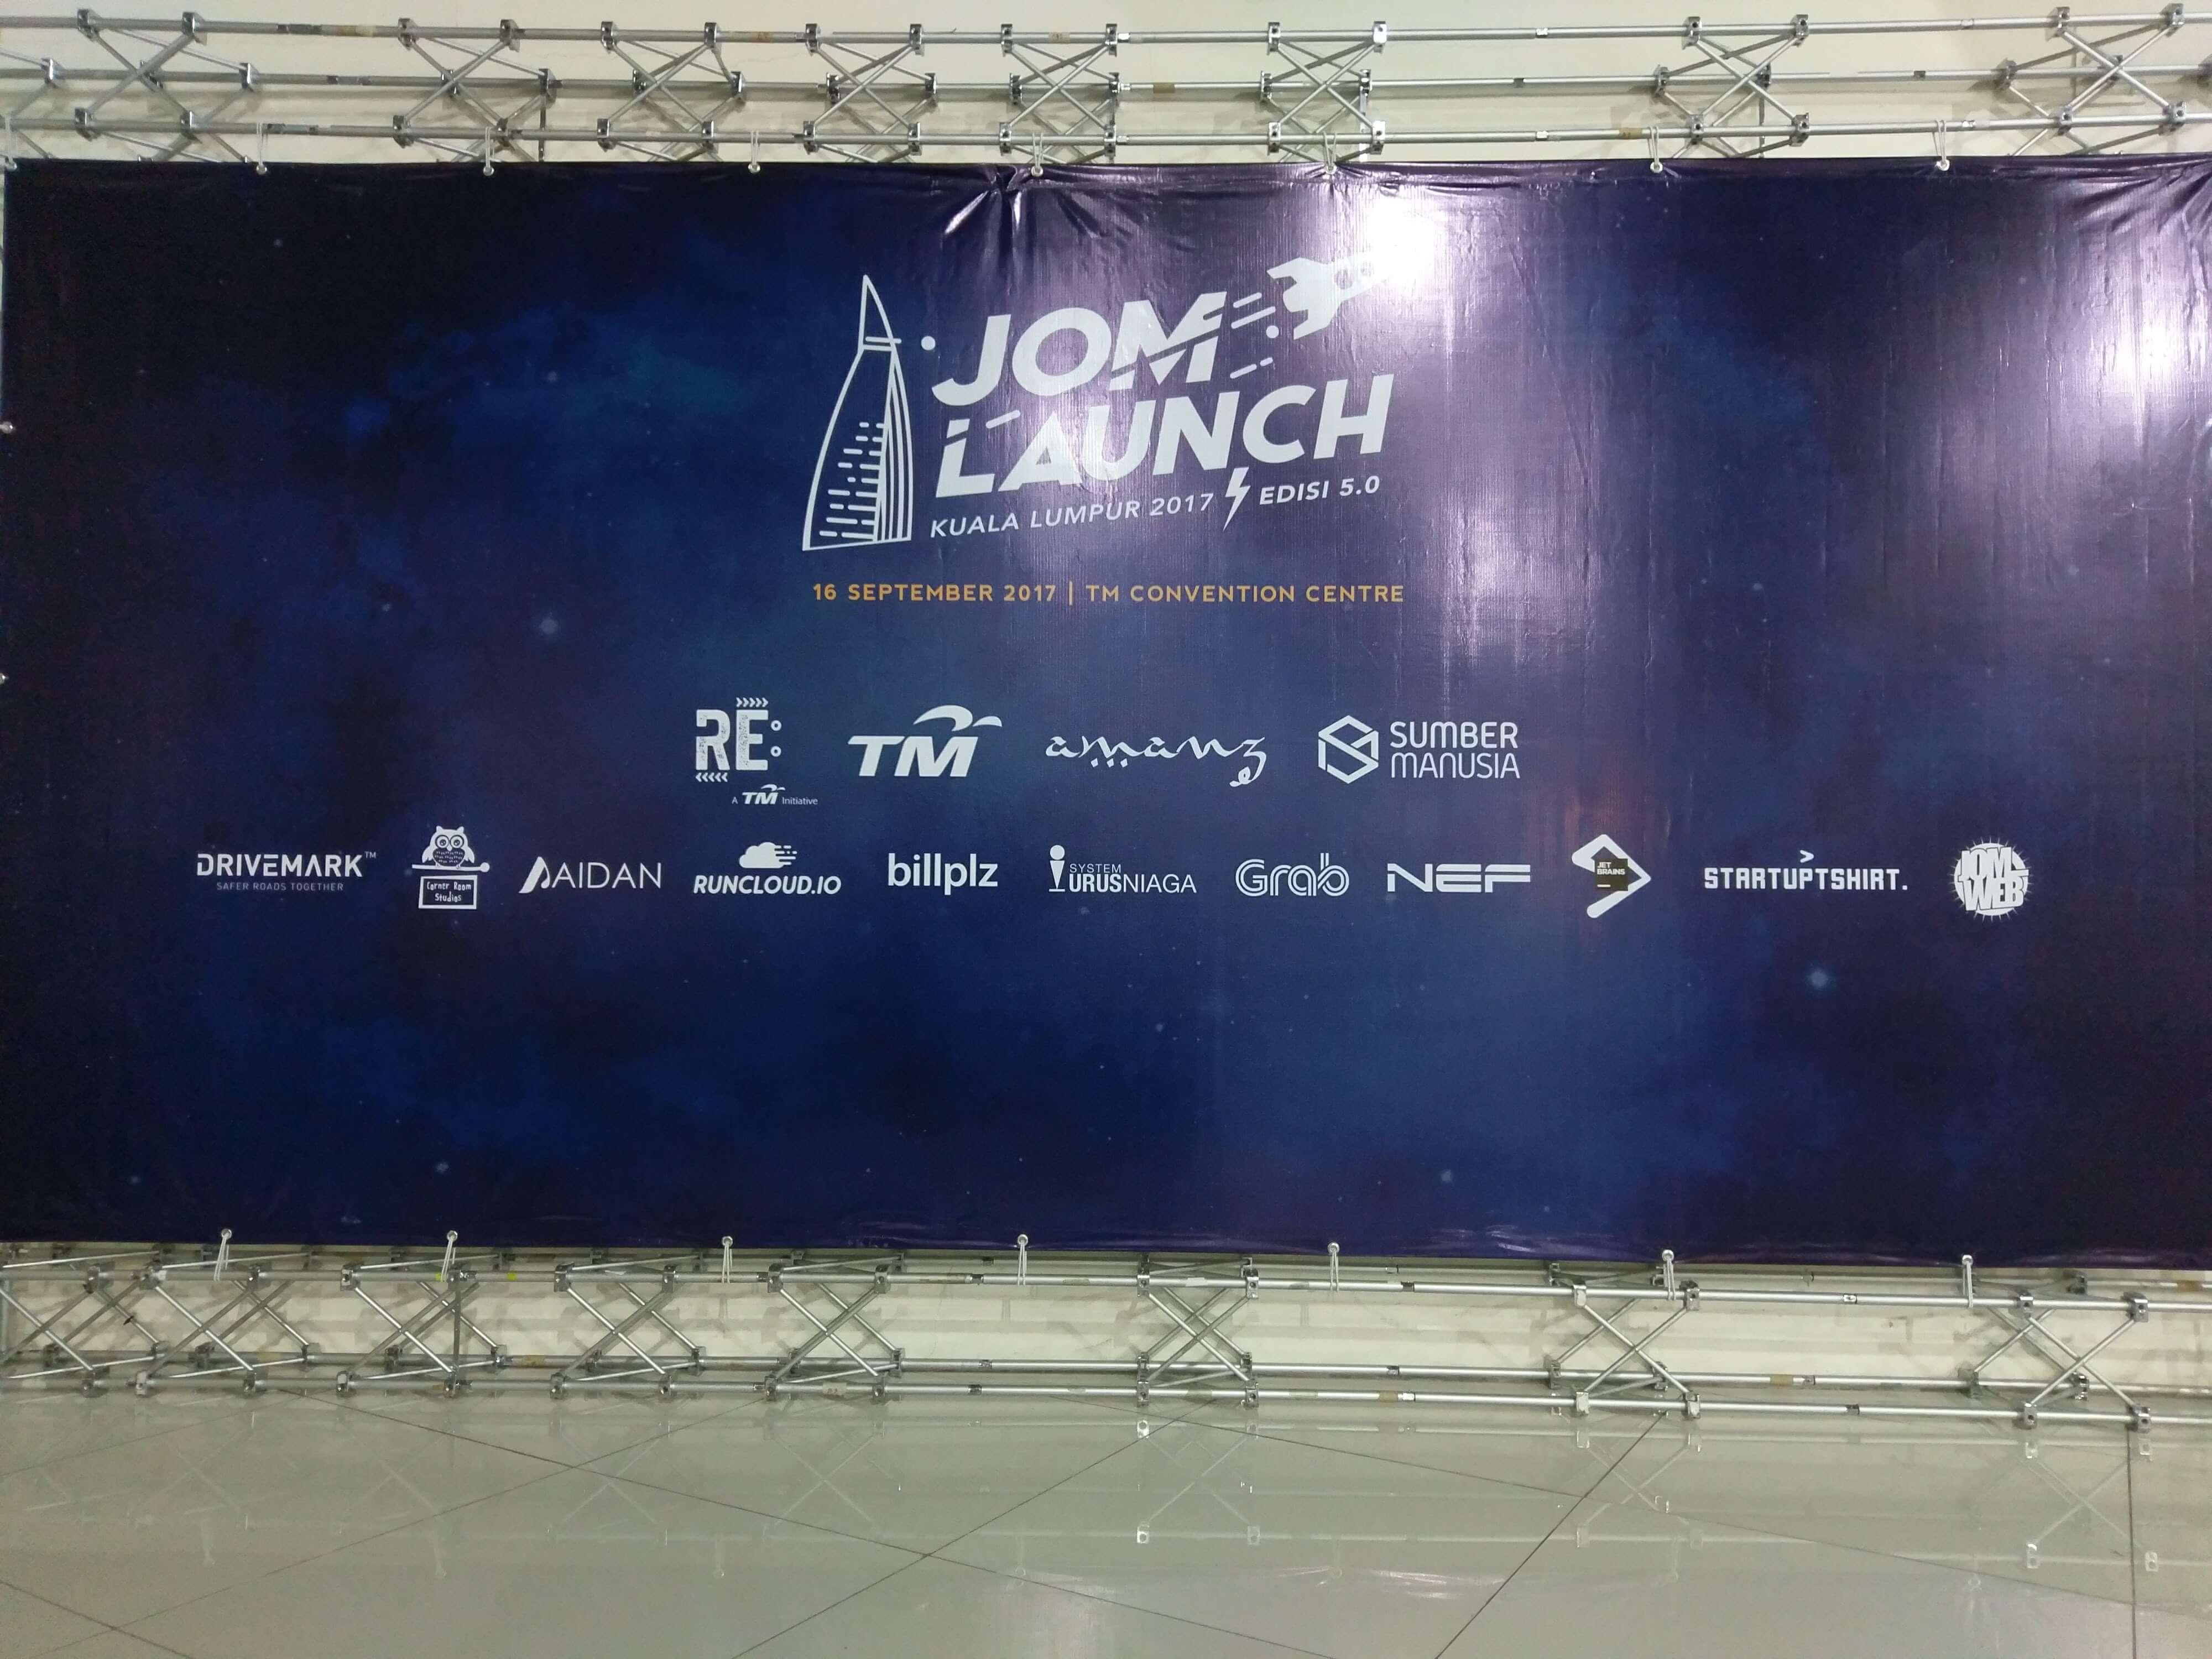 JomLaunch 5 back panel